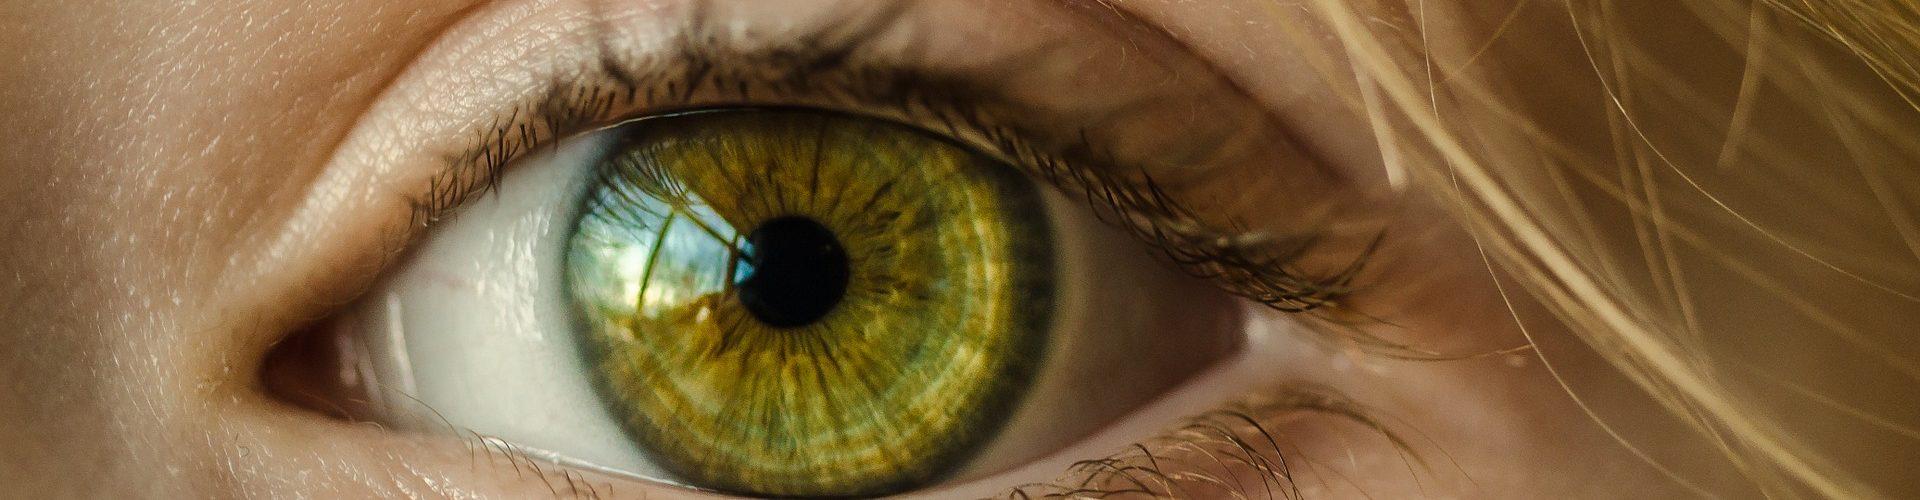 homályos látás, pislogó körök a szemben látásteszt berendezés